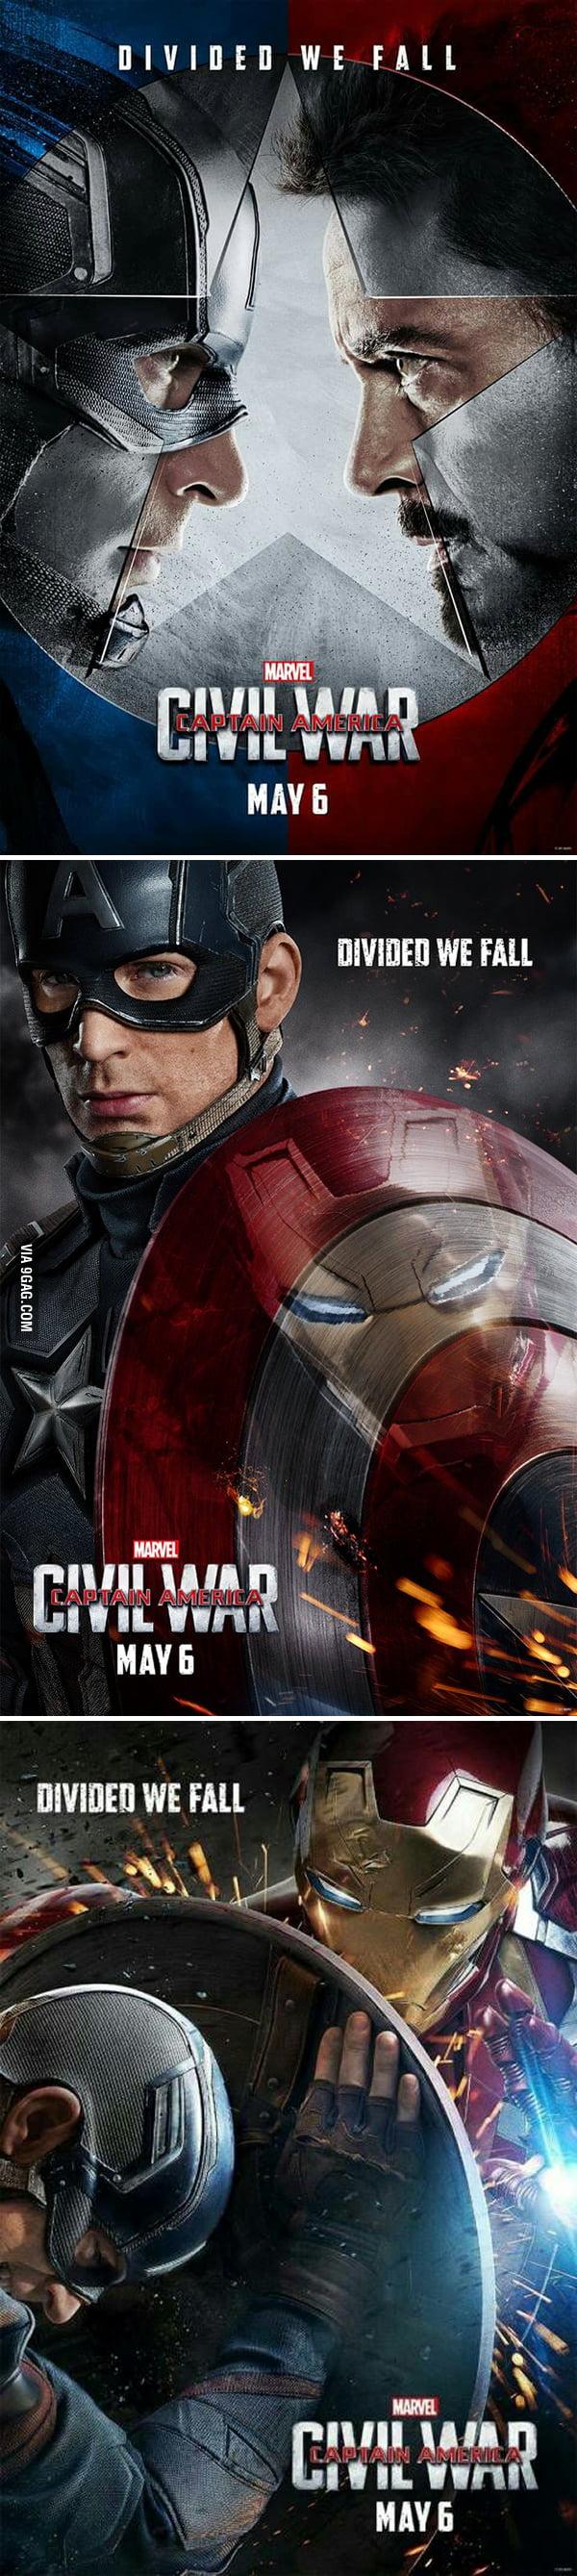 New Captain America: Civil War Posters!